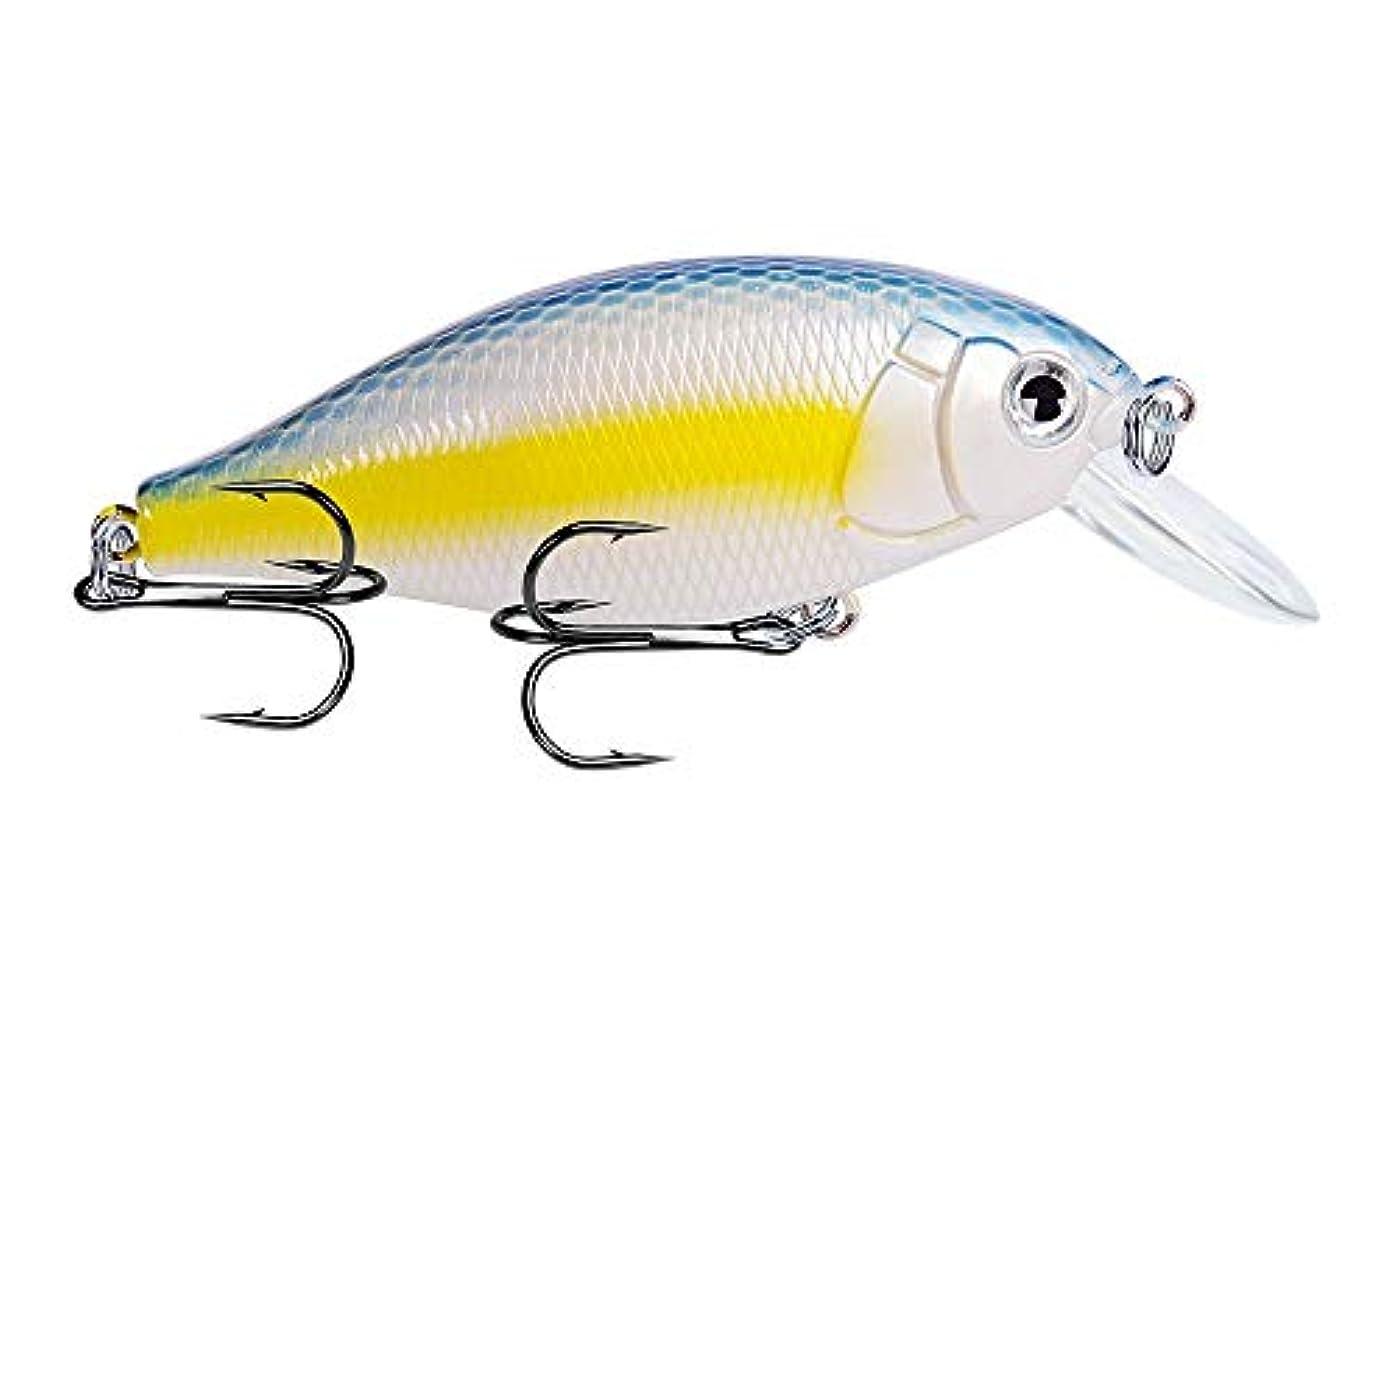 楕円形社交的酸っぱいHkkint 釣り餌釣り餌新しい岩釣り餌7 cm / 13.04 gプラスチックバイオニック餌5色古典ルアー餌 (Color : G)